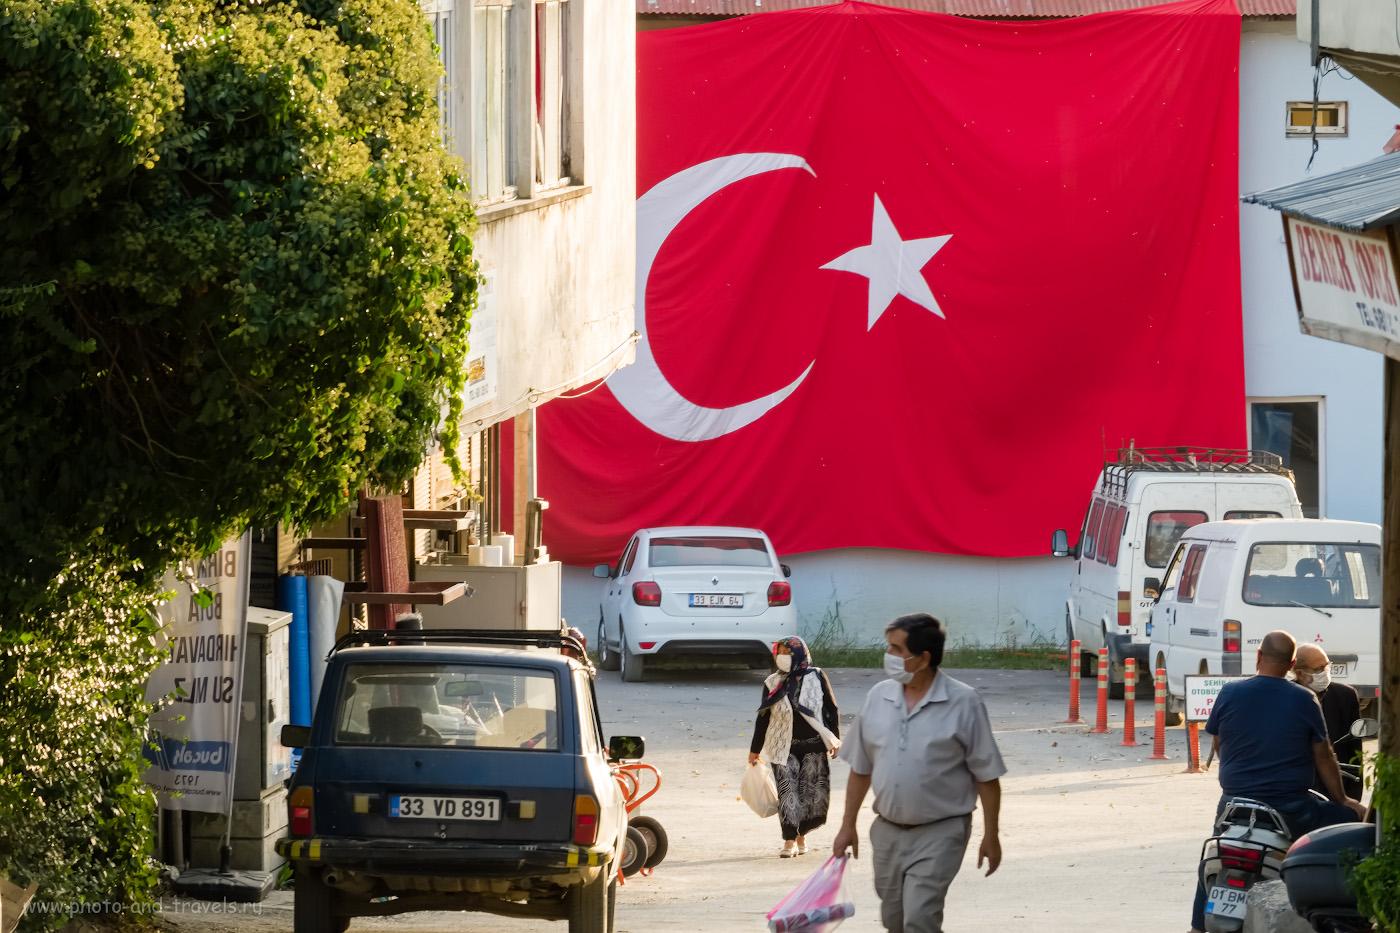 47. Улица в городе Чамлыяйла в горах Турции. Все прохожие в масках. 1/60, 11.0, 640, -0.33, 156.